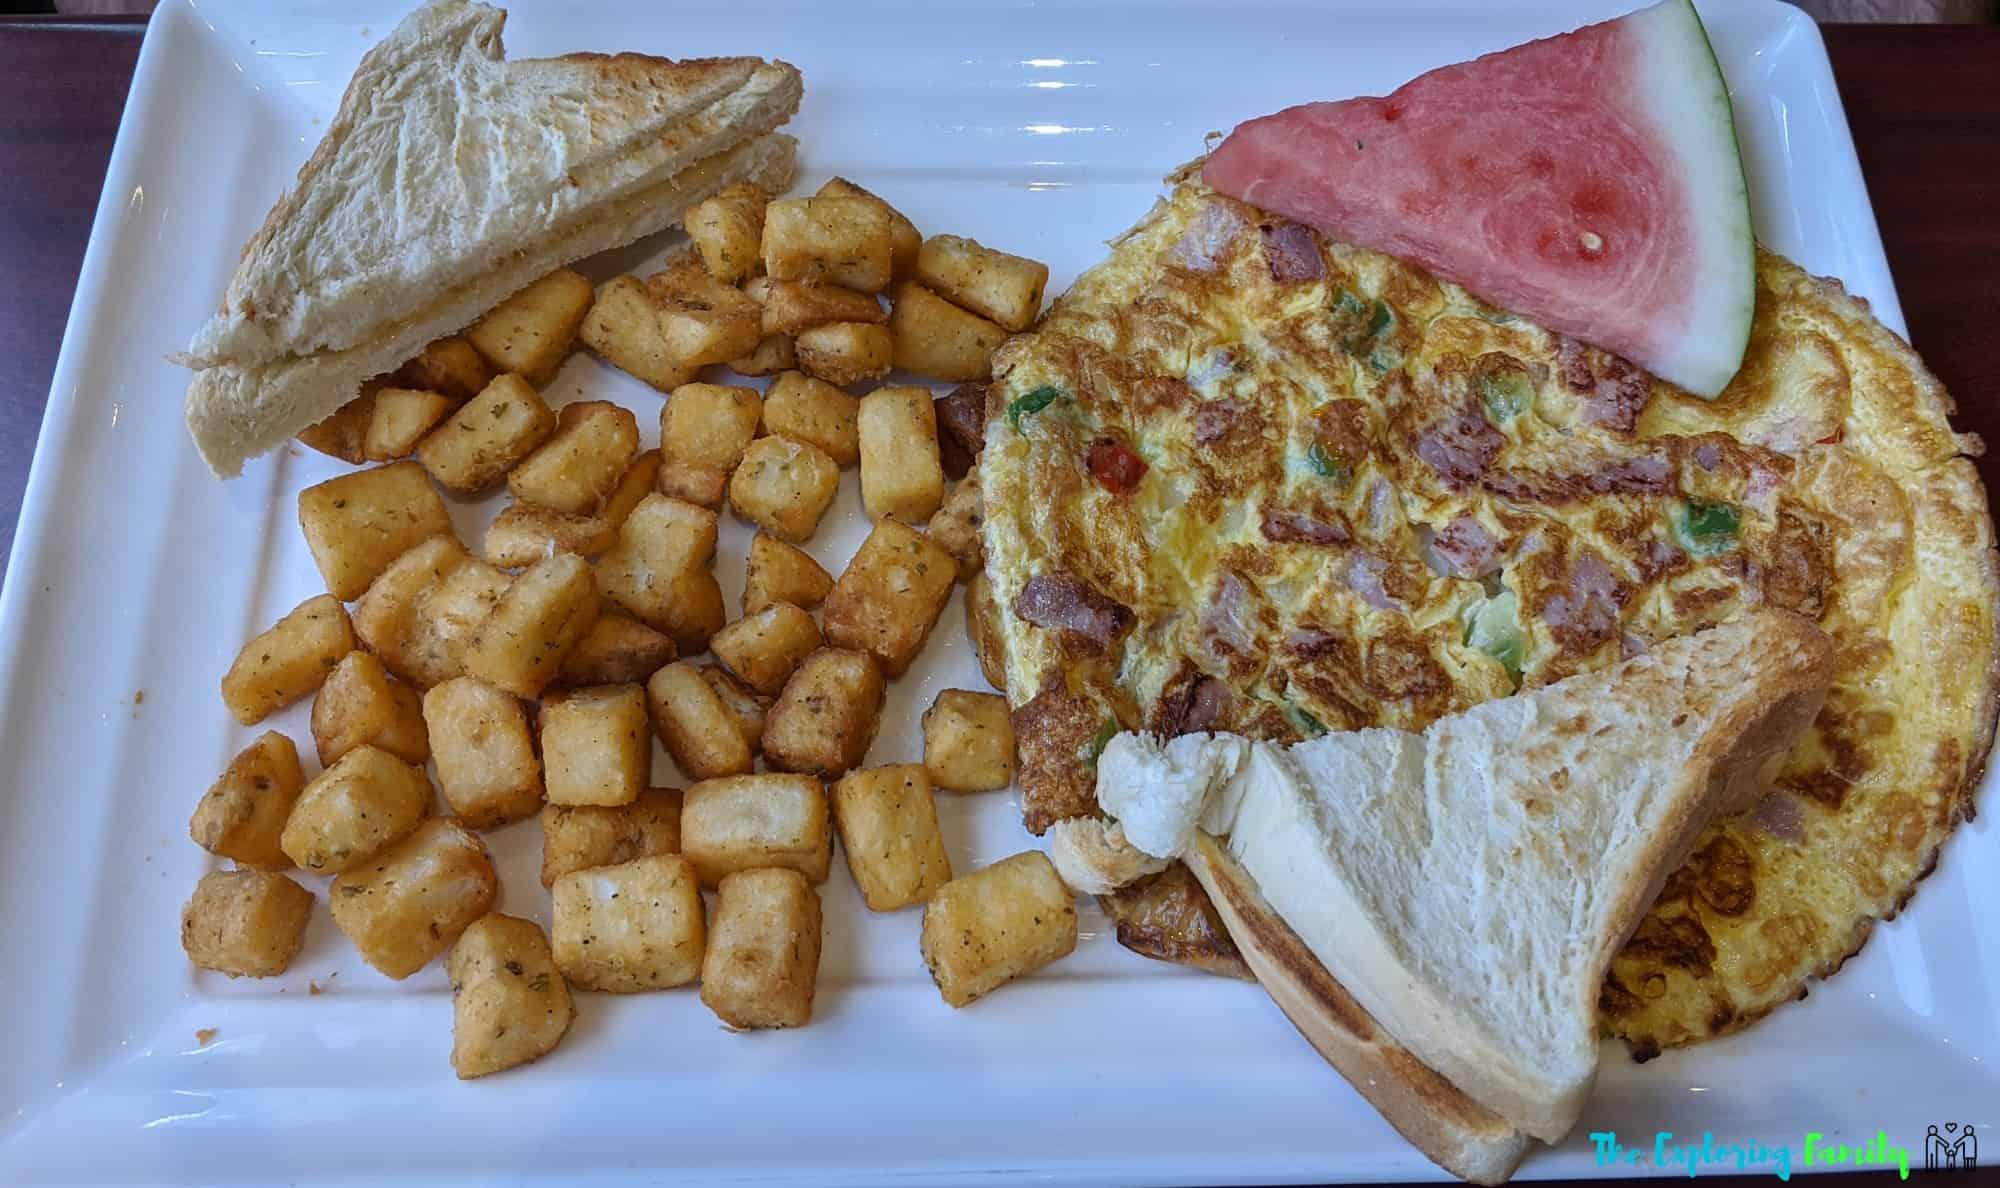 breakfast places brampton exolta omelette